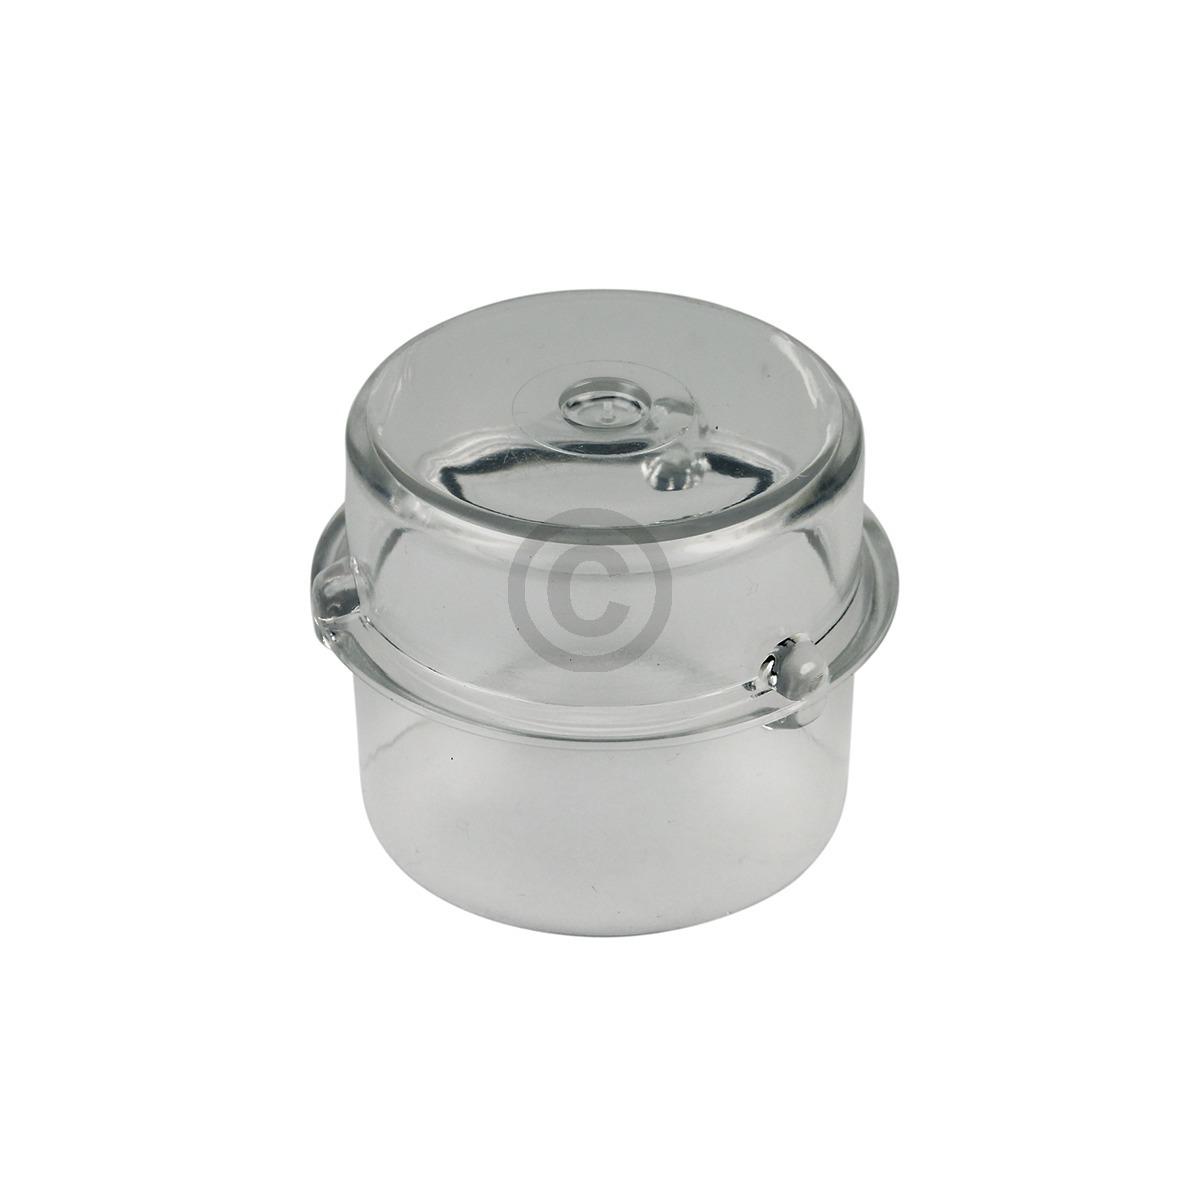 Messbecher für die Deckelöffnung Thermomix®, 100ml